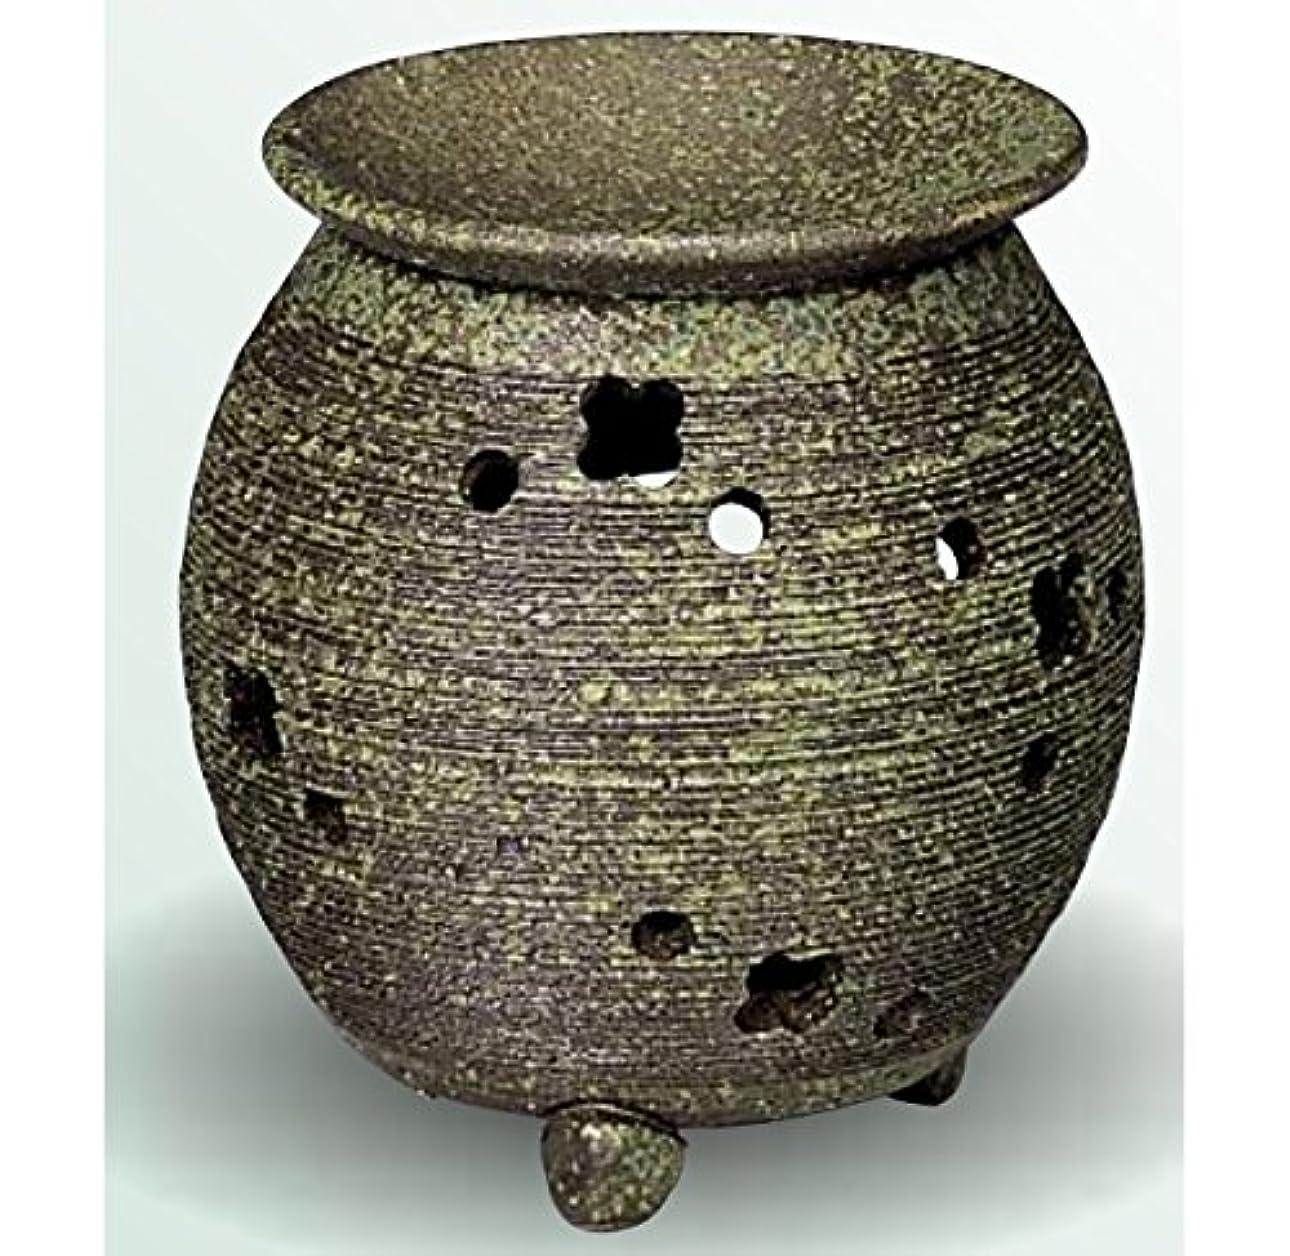 不機嫌そうな業界ケージ常滑焼 茶香炉(アロマポット) 径10×高さ11.5cm